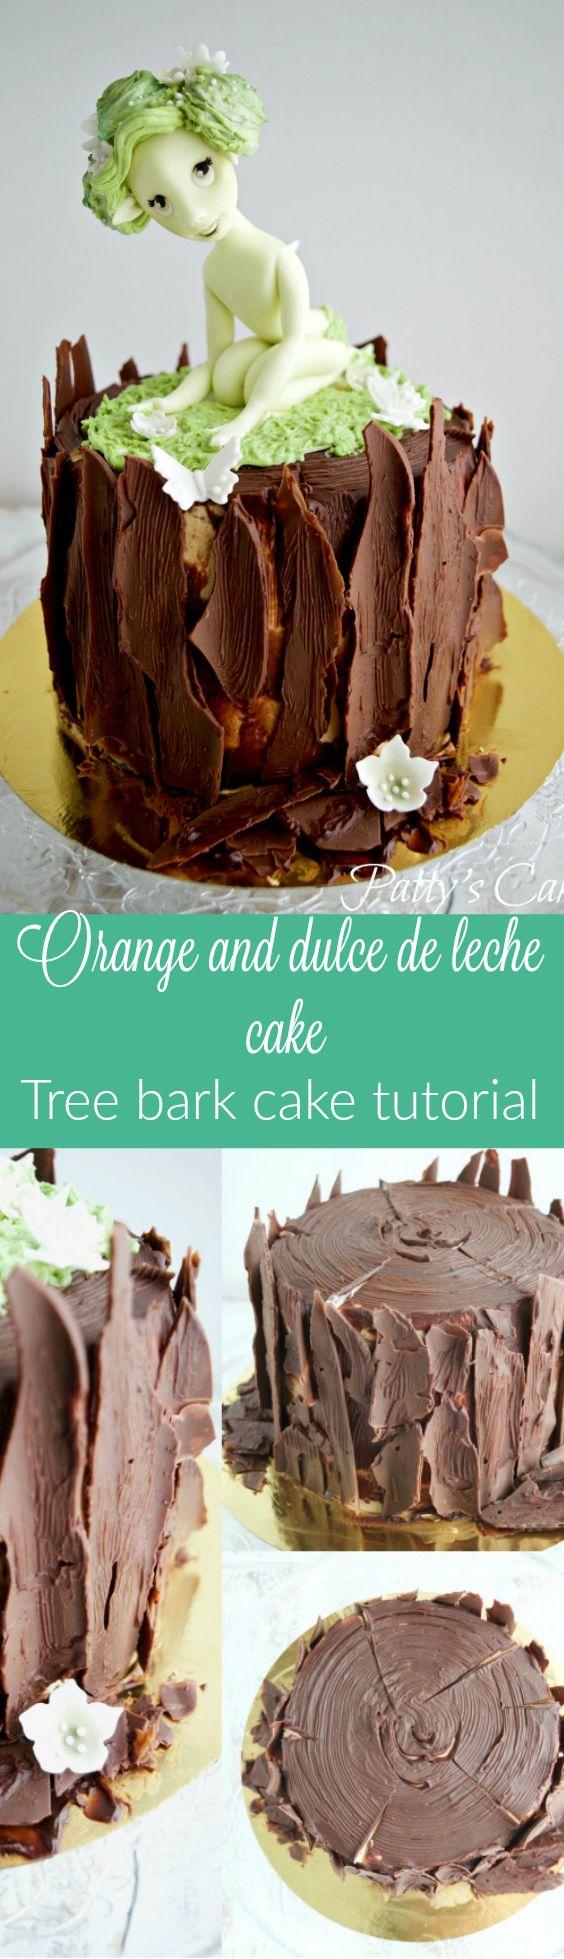 Tarta de naranja y dulce de leche - Tutorial de tronco de árbol todo de chocolate - English recipe and tutorial included